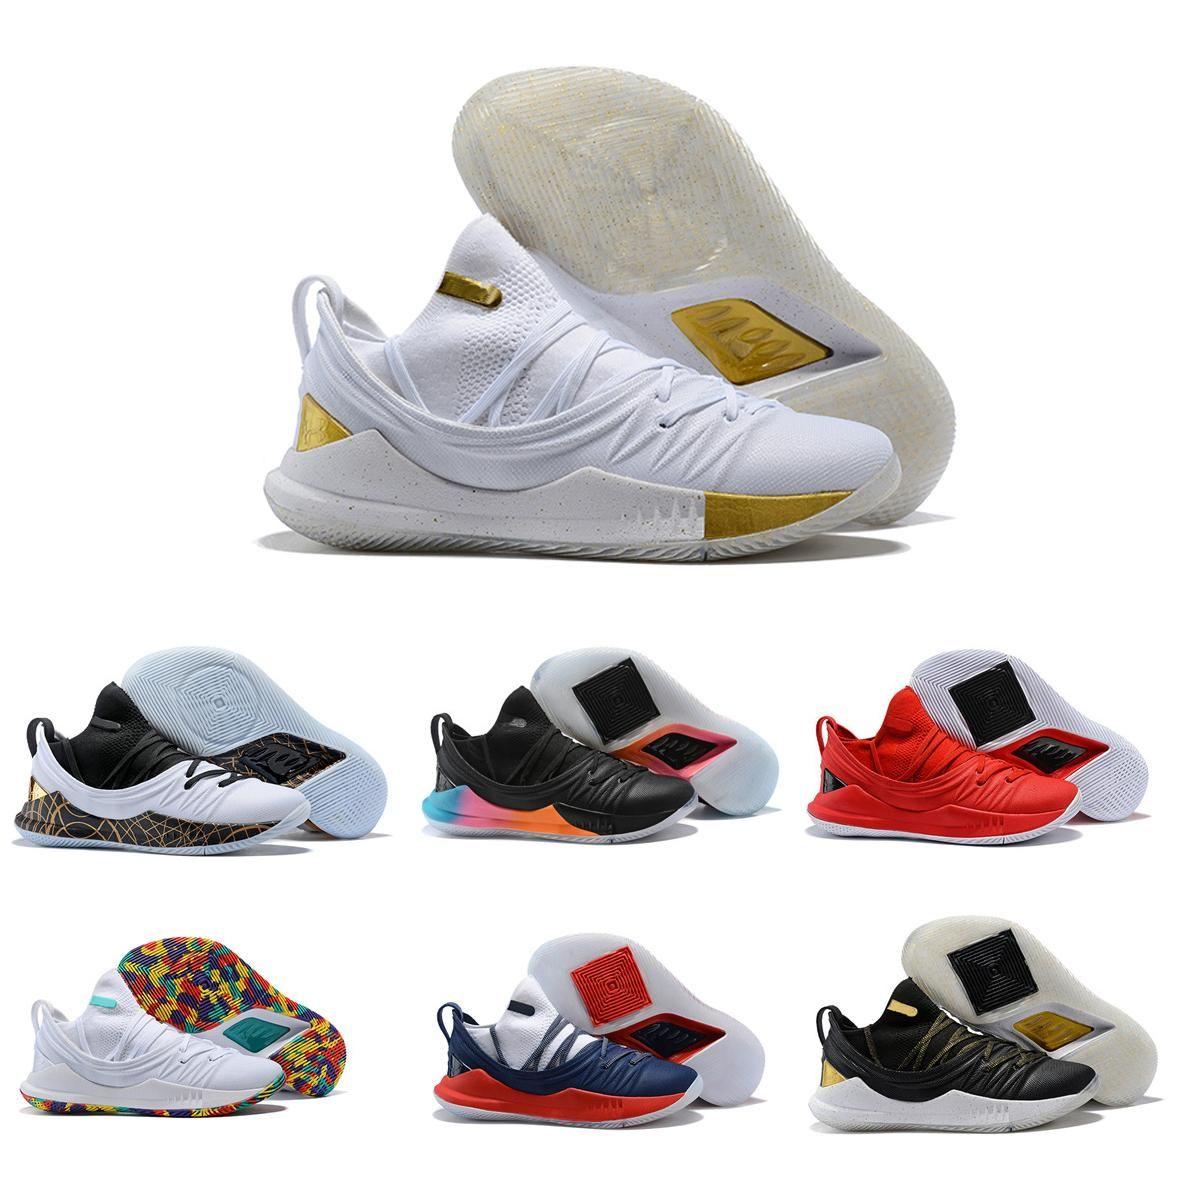 6ec83eabab8 2018 Nouveau Stephen 5 Chaussures De Basket Stephen Homme MVP Finales  Sportif Baskets Chaussures De Course Taille 40 46 Men Shoes Online Online  Shoe ...